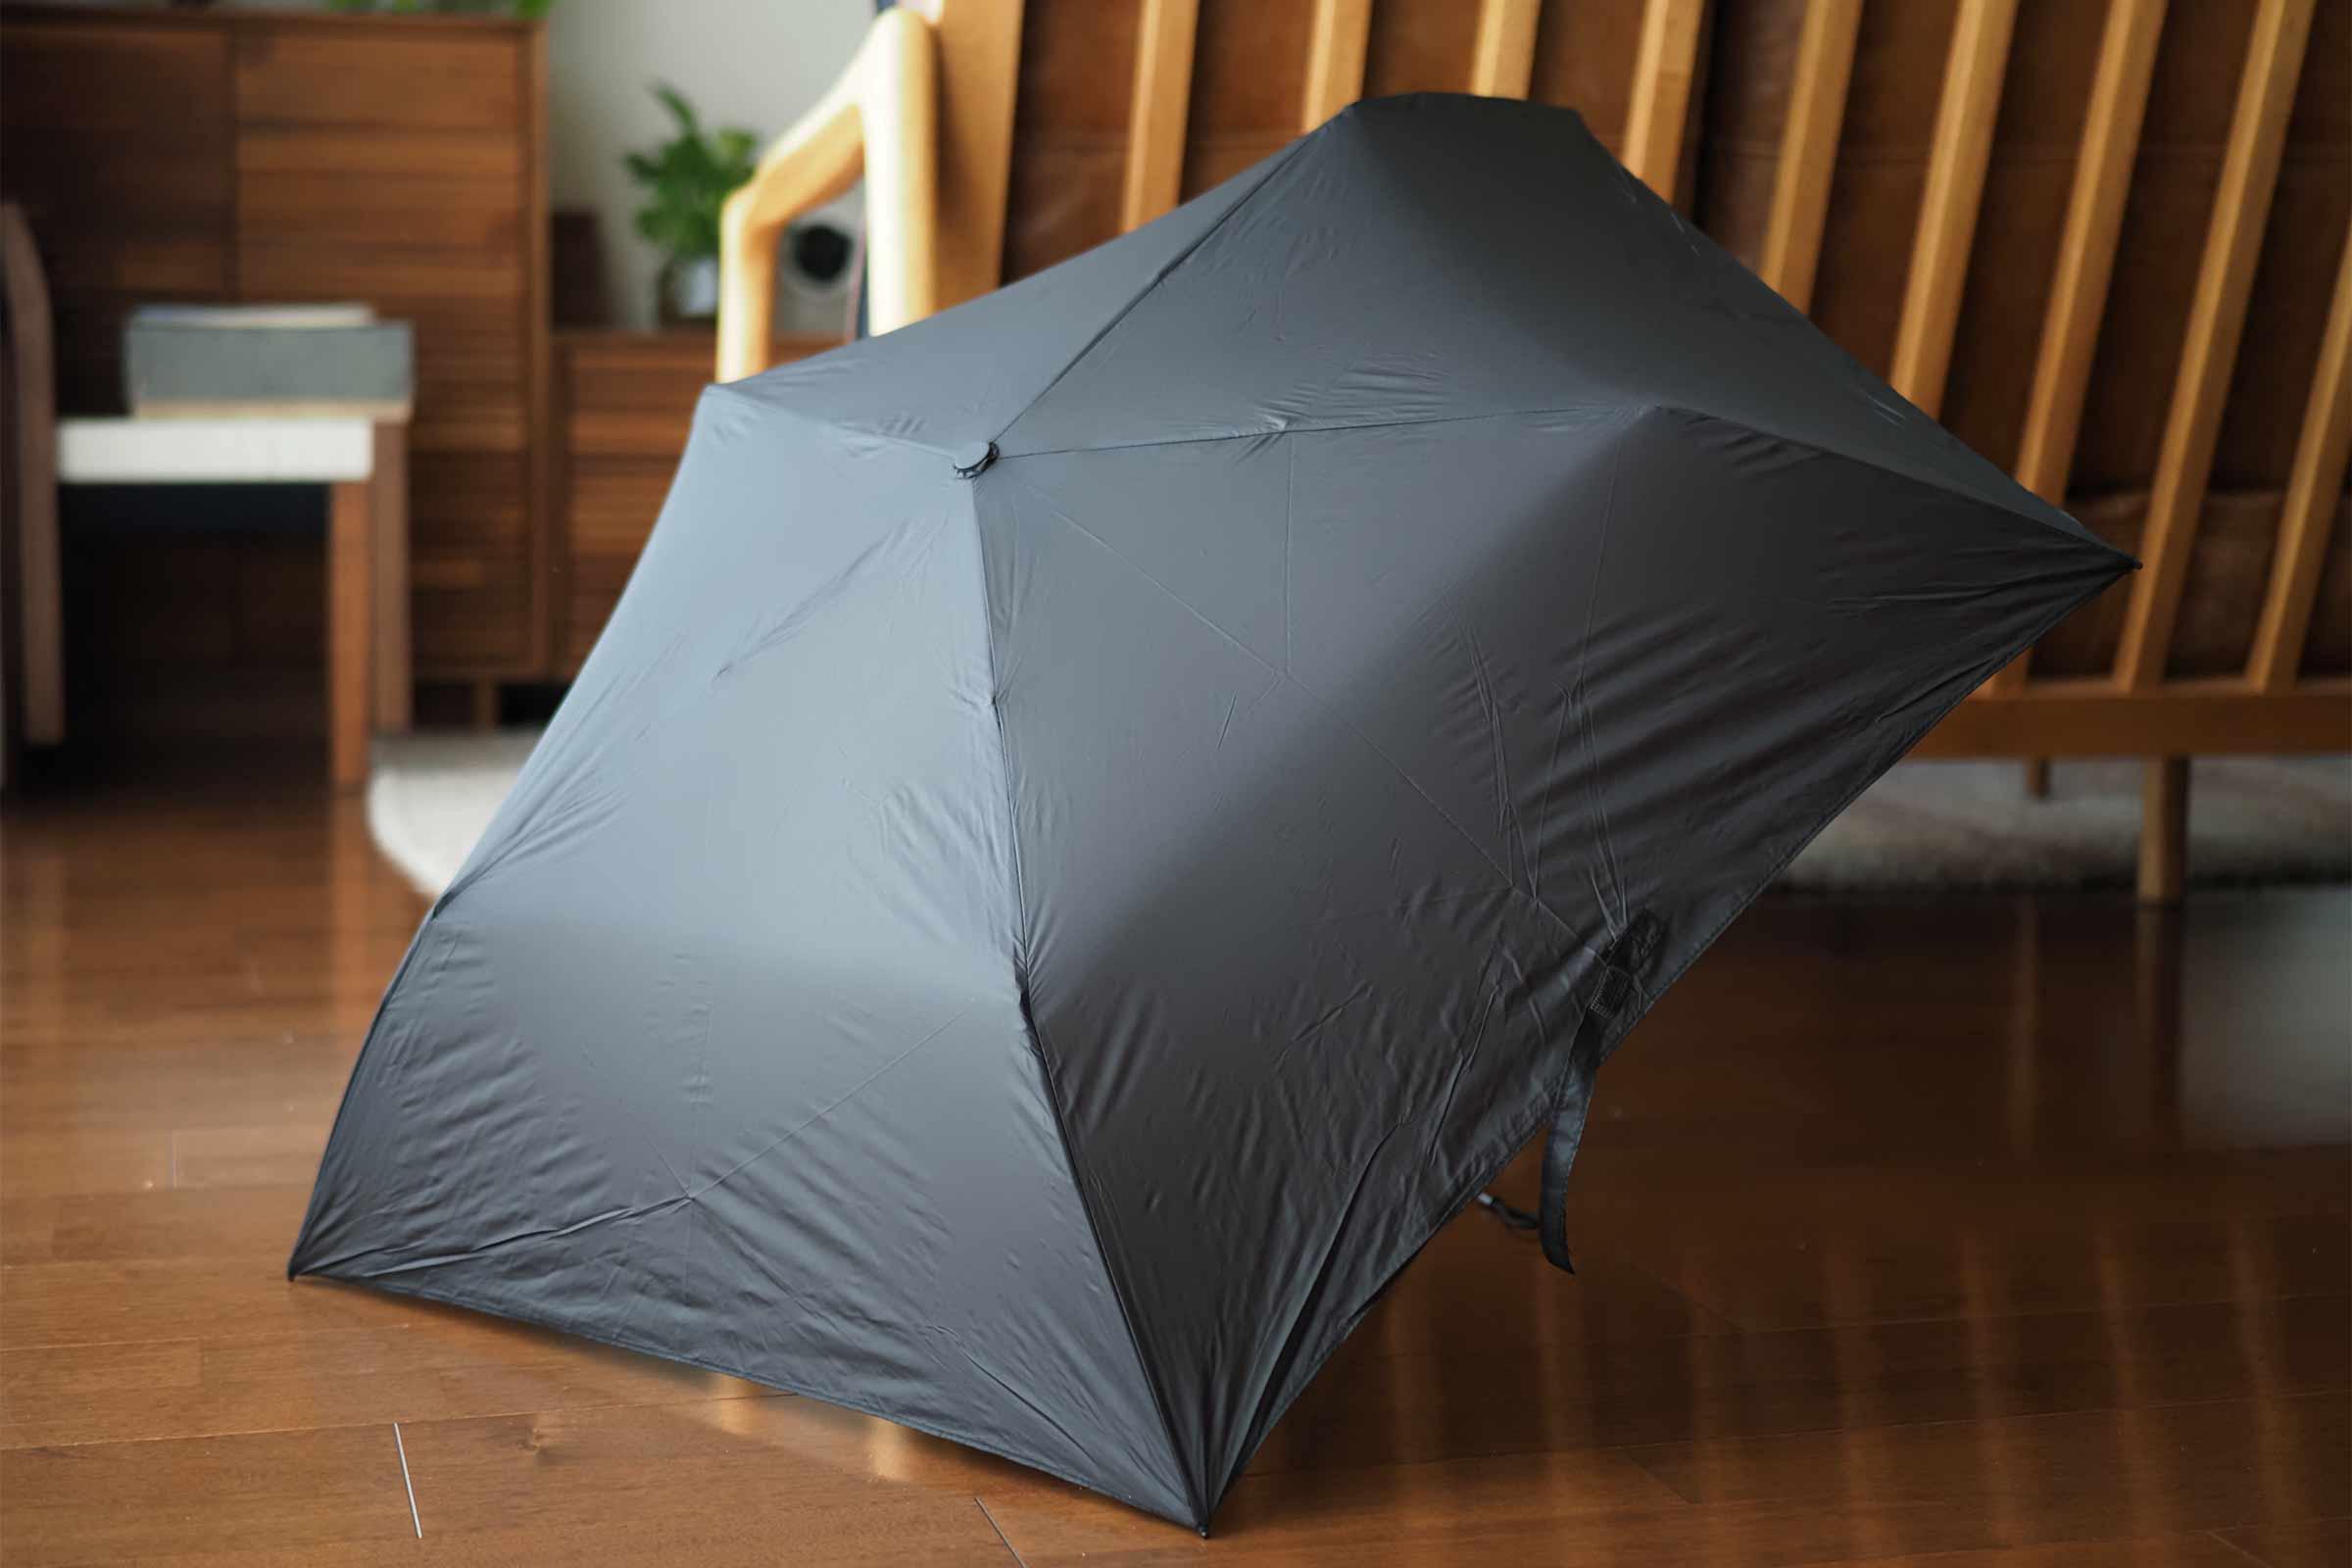 折り畳み傘,カーボン,軽量,丈夫,自動開閉,メンズ,コンパクト,ワンタッチ,レディース,大きい